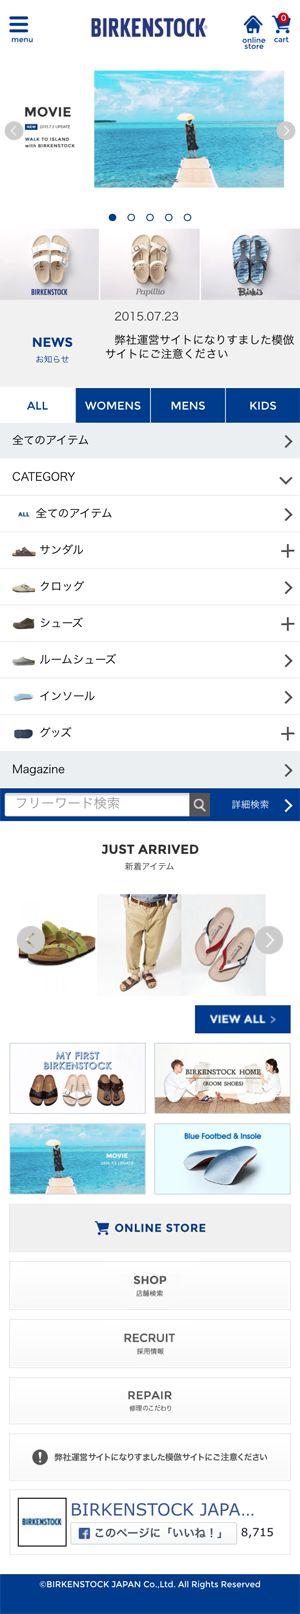 ファッション・アパレル 3 | 勝手にスマホサイトまとめ